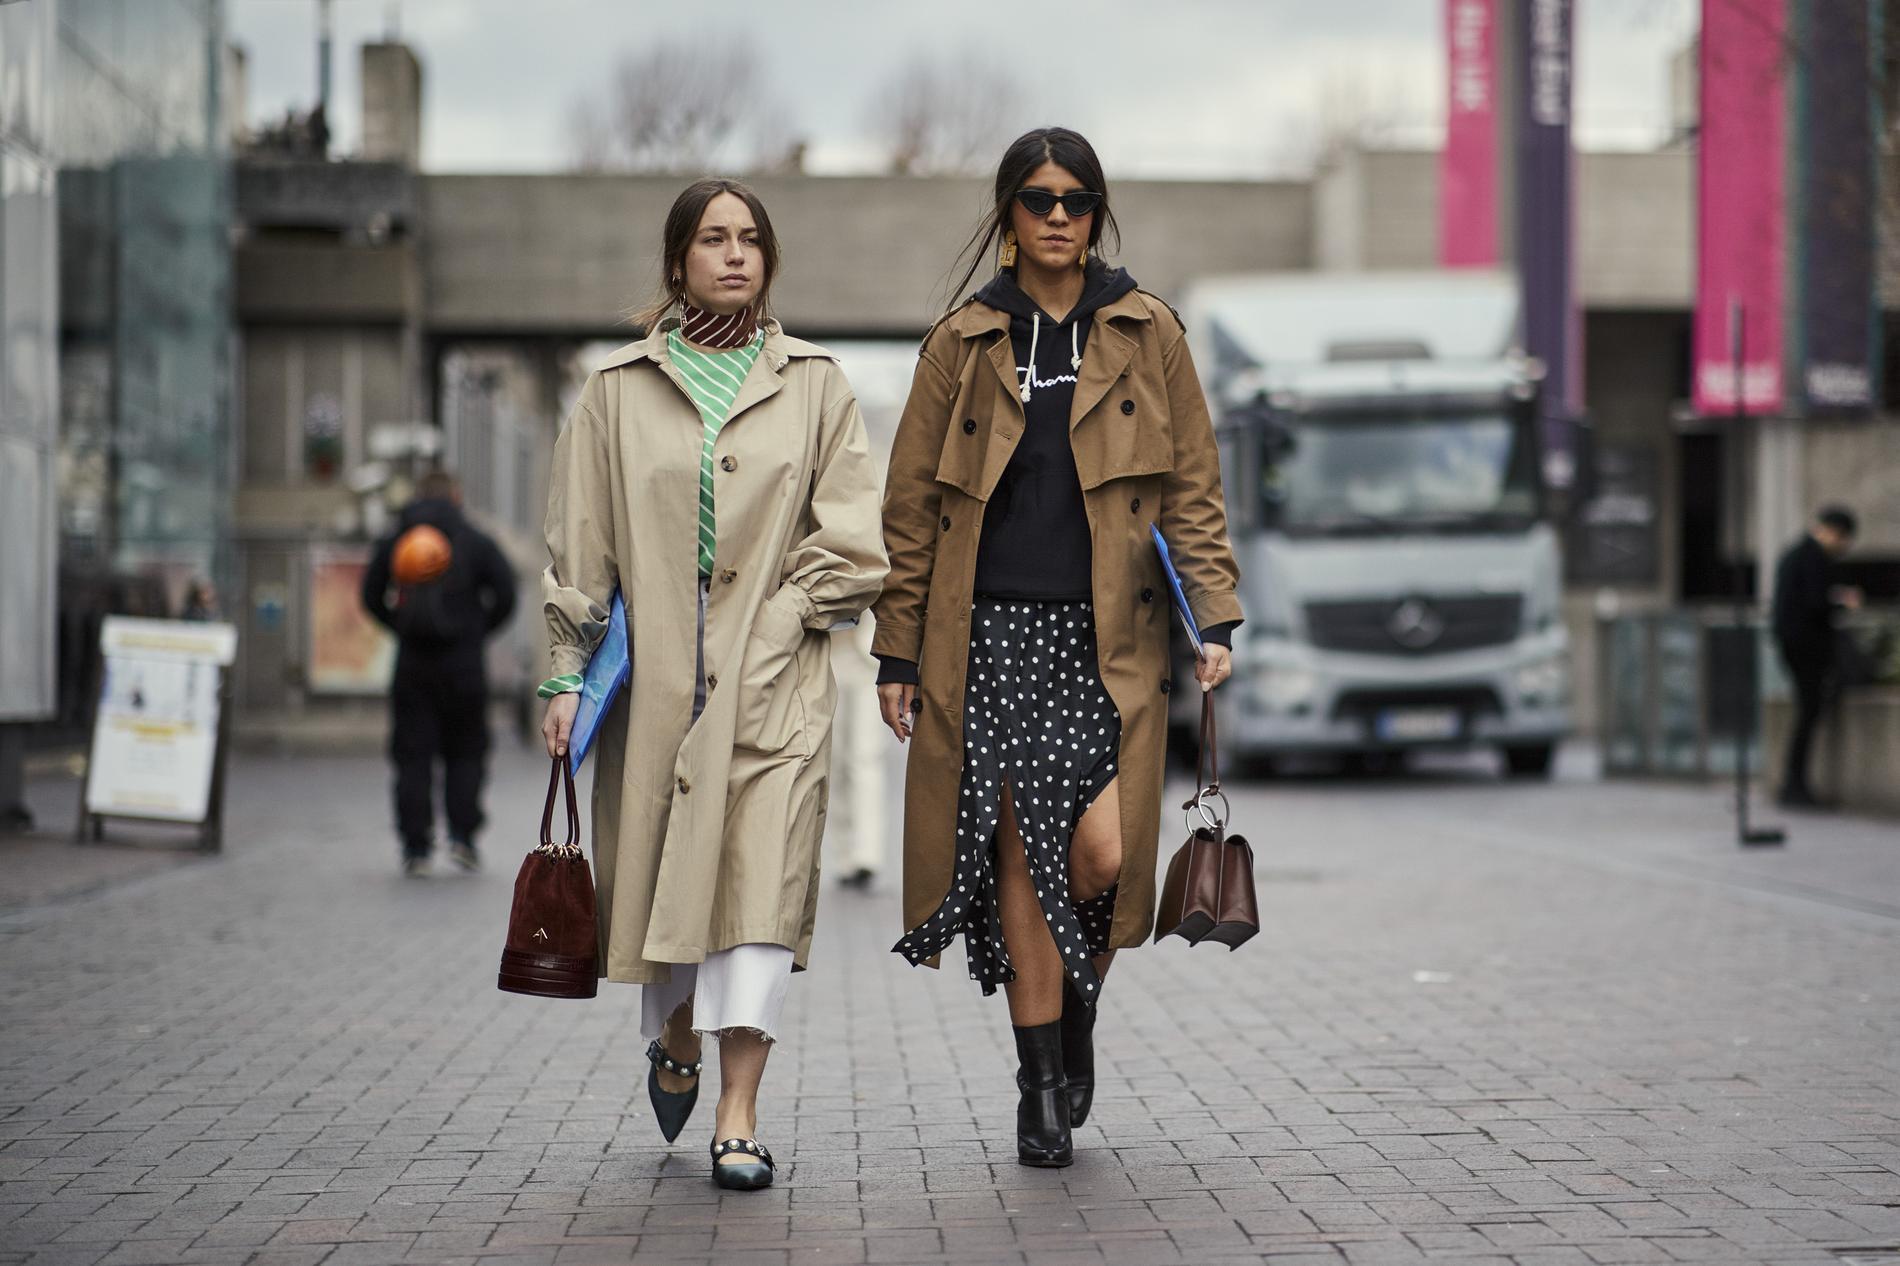 Уличный стиль в одежде, тренды 2019 с промокодами Остин